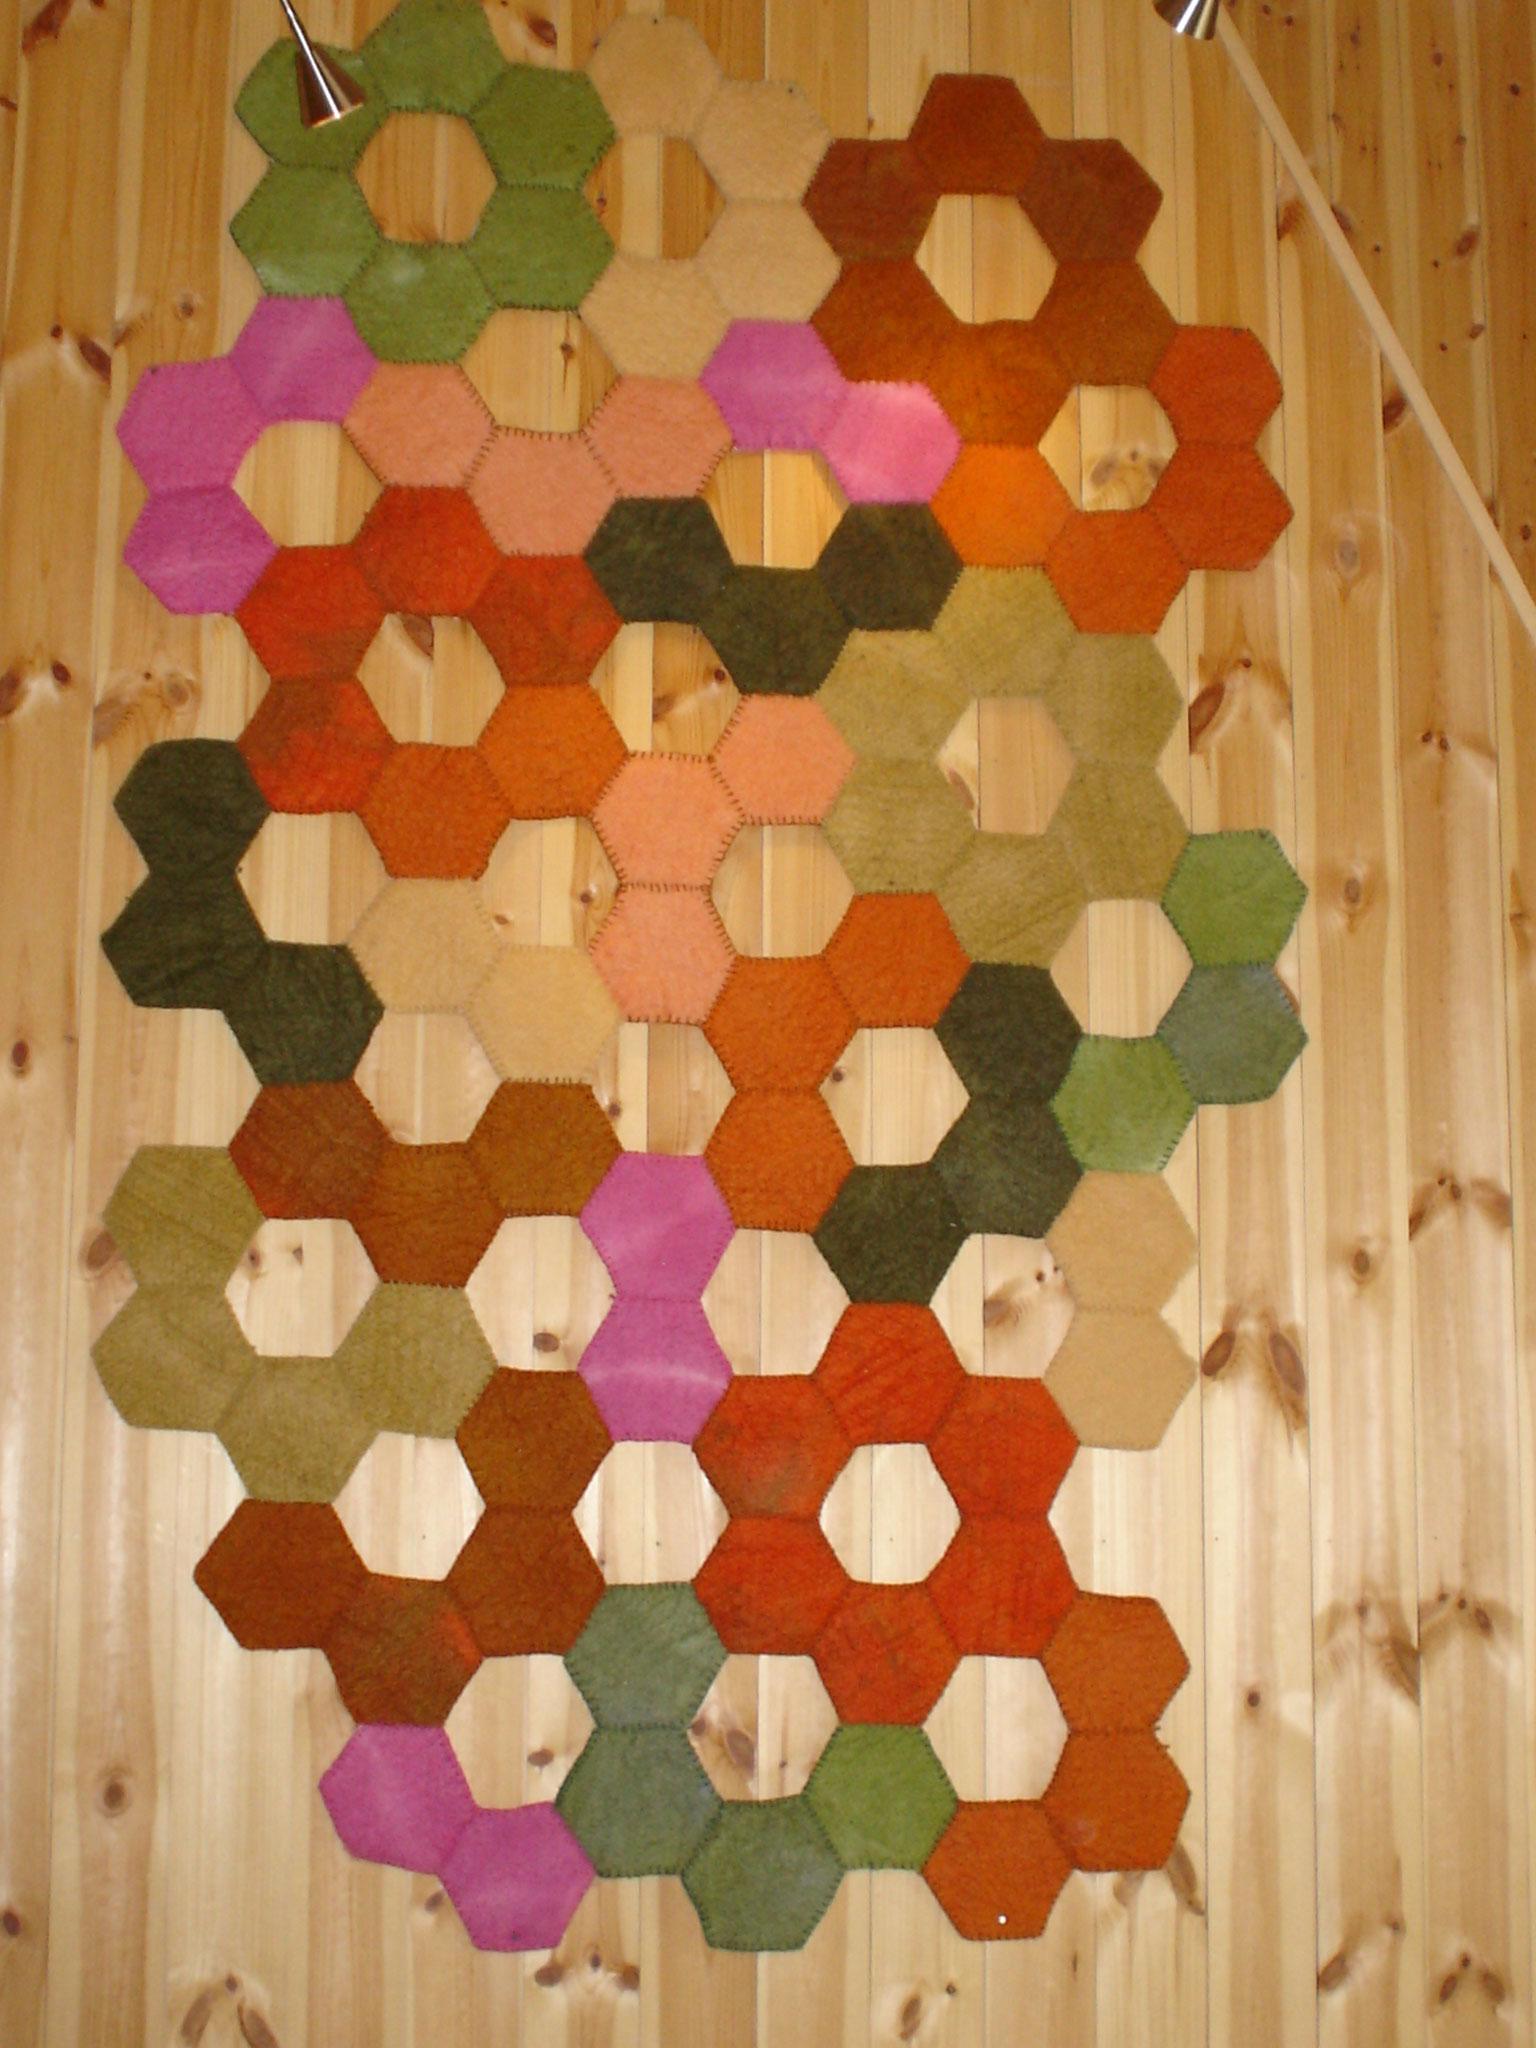 Tekstil_HytteNordmarka02.jpg